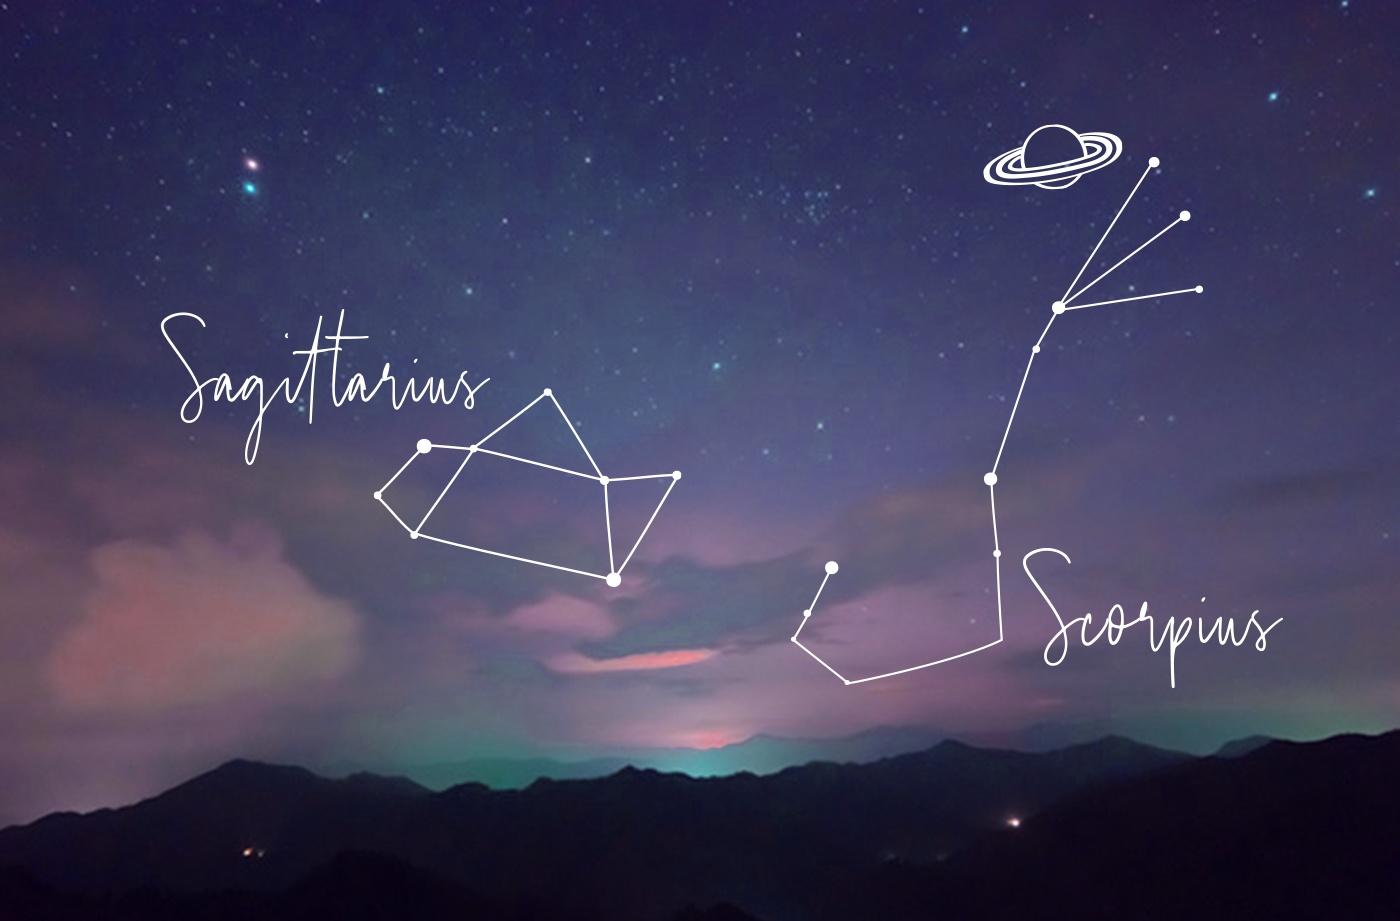 Basic astronomy tips for summer stargazing | Well+Good